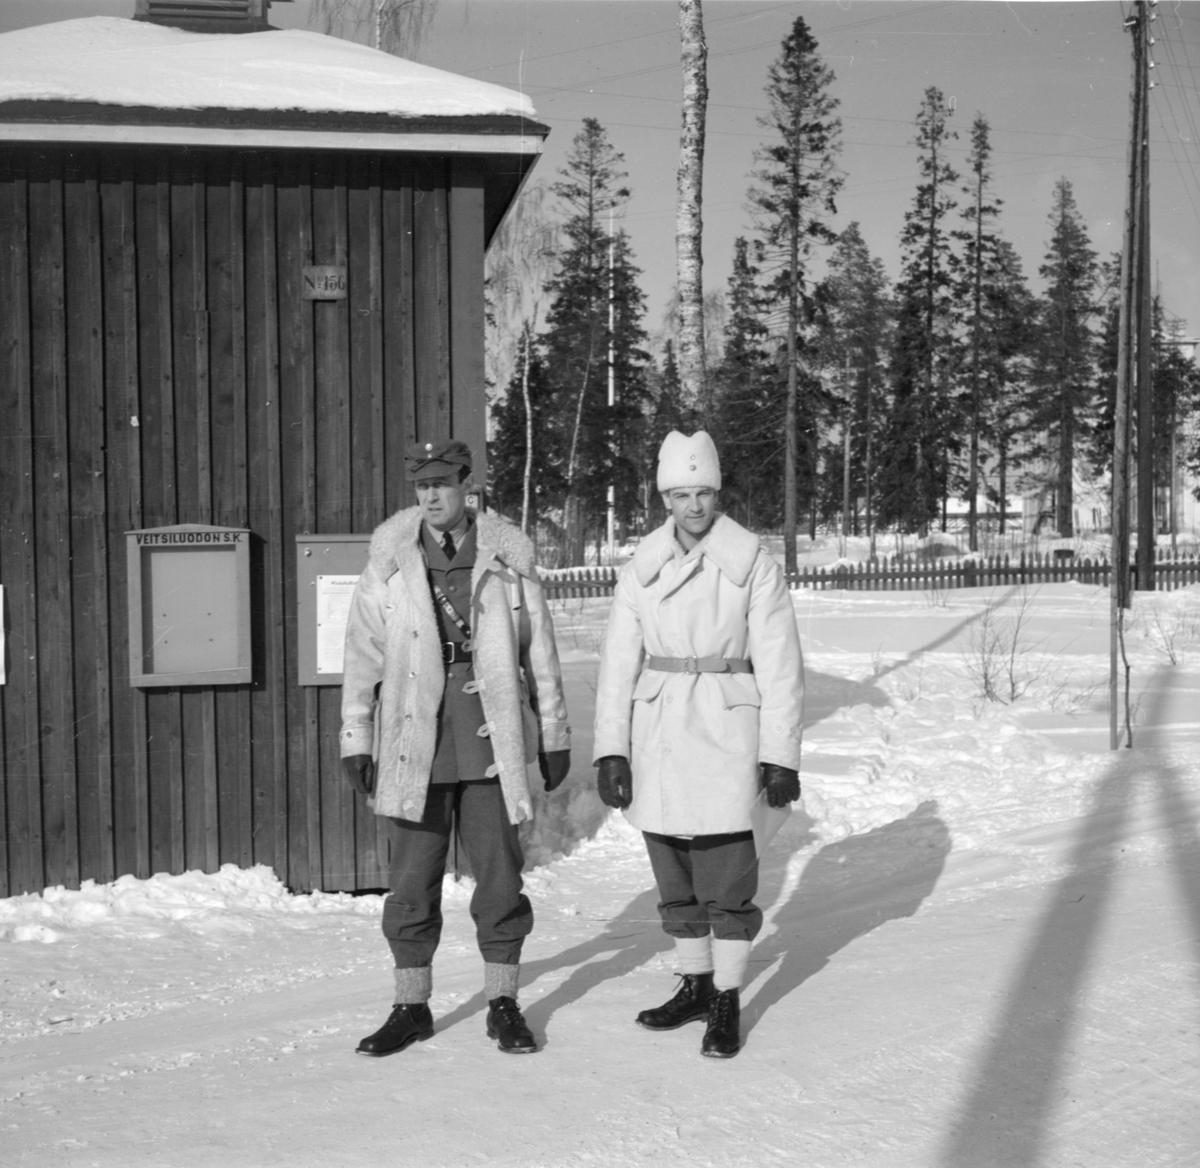 Porträtt. Två militärer tillhörande Svenska frivilligkåren i Finland, F 19 står i vinteruniform vid husvägg. Till vänster Hugo Beckhammar, chef F 19 och till höger Malcolm Hamilton.